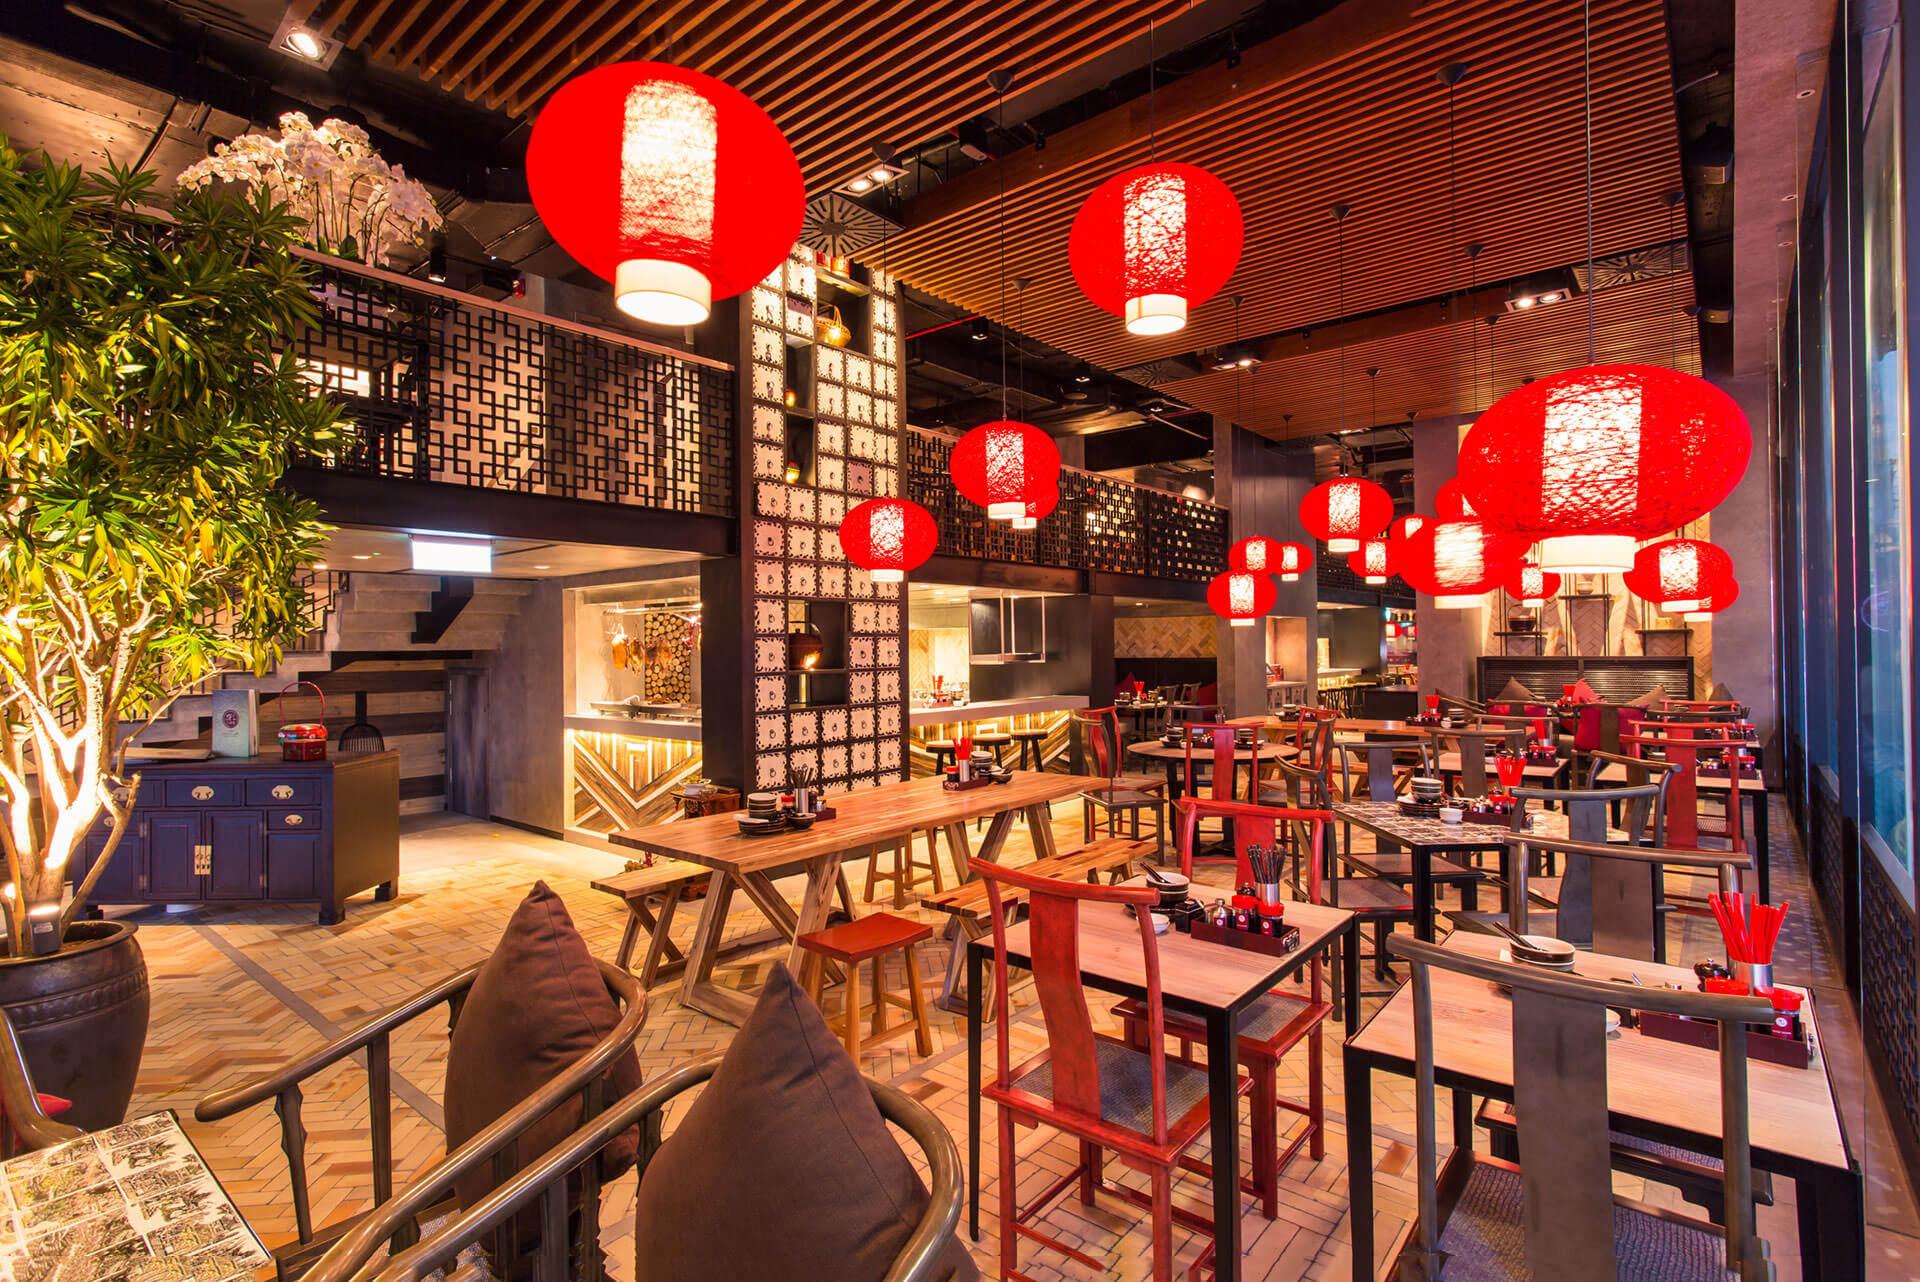 Công trình San Fu Lou được Đèn Xinh trang hoàng bằng những chiếc đèn thả màu đỏ đậm phong cách Trung Hoa